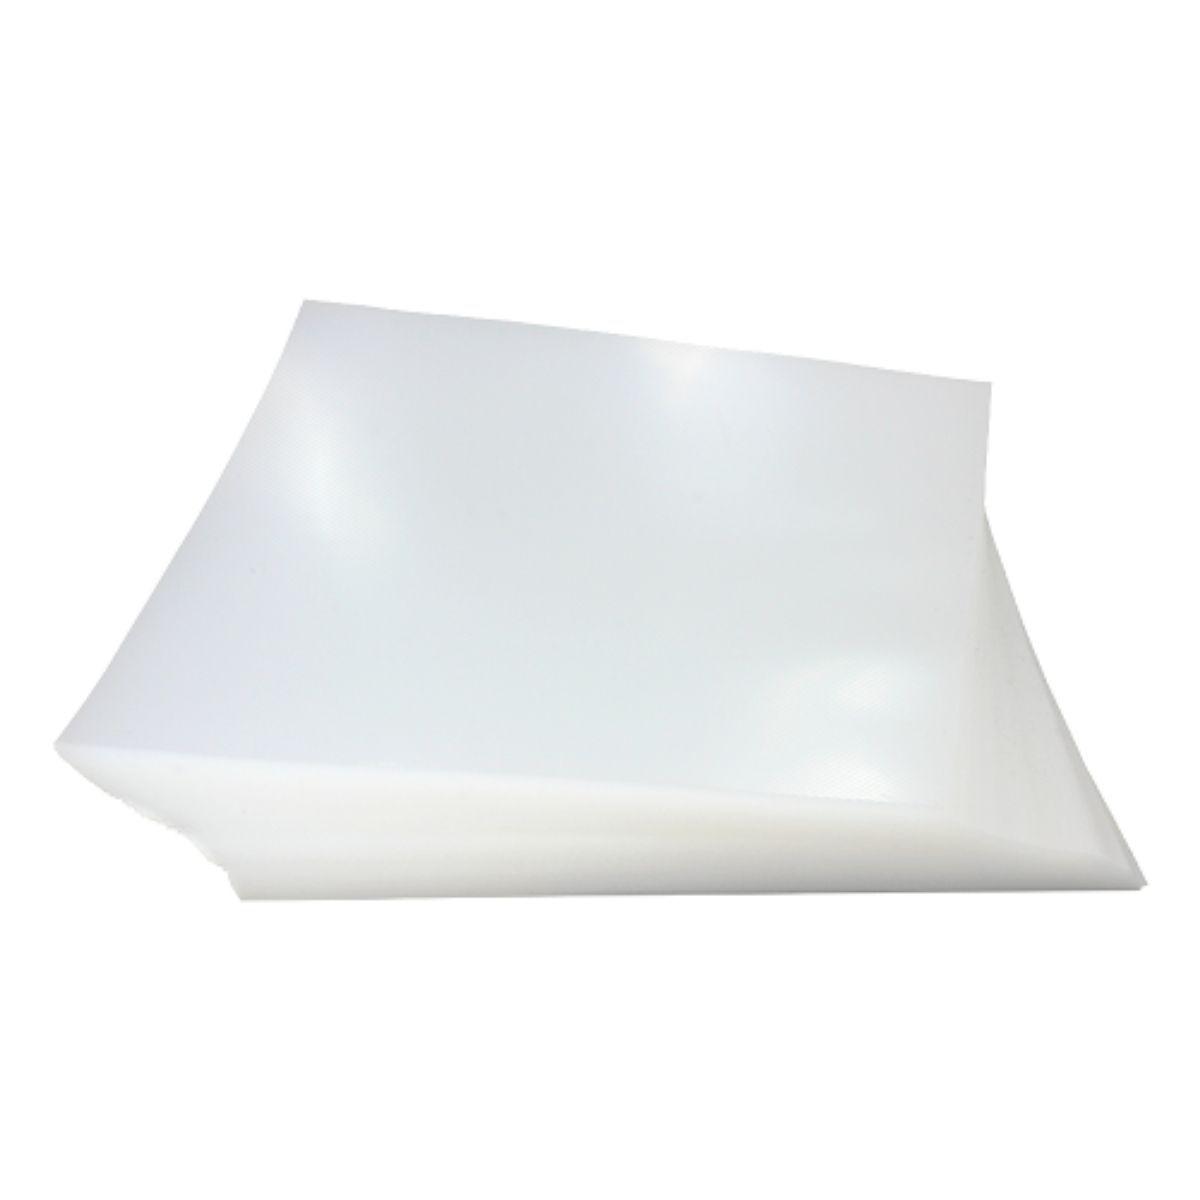 Capa para Encadernação PP 0,30mm A4 Transparente (Cristal) Line (Frente) - Pacote com 100 unidades  - Click Suprimentos